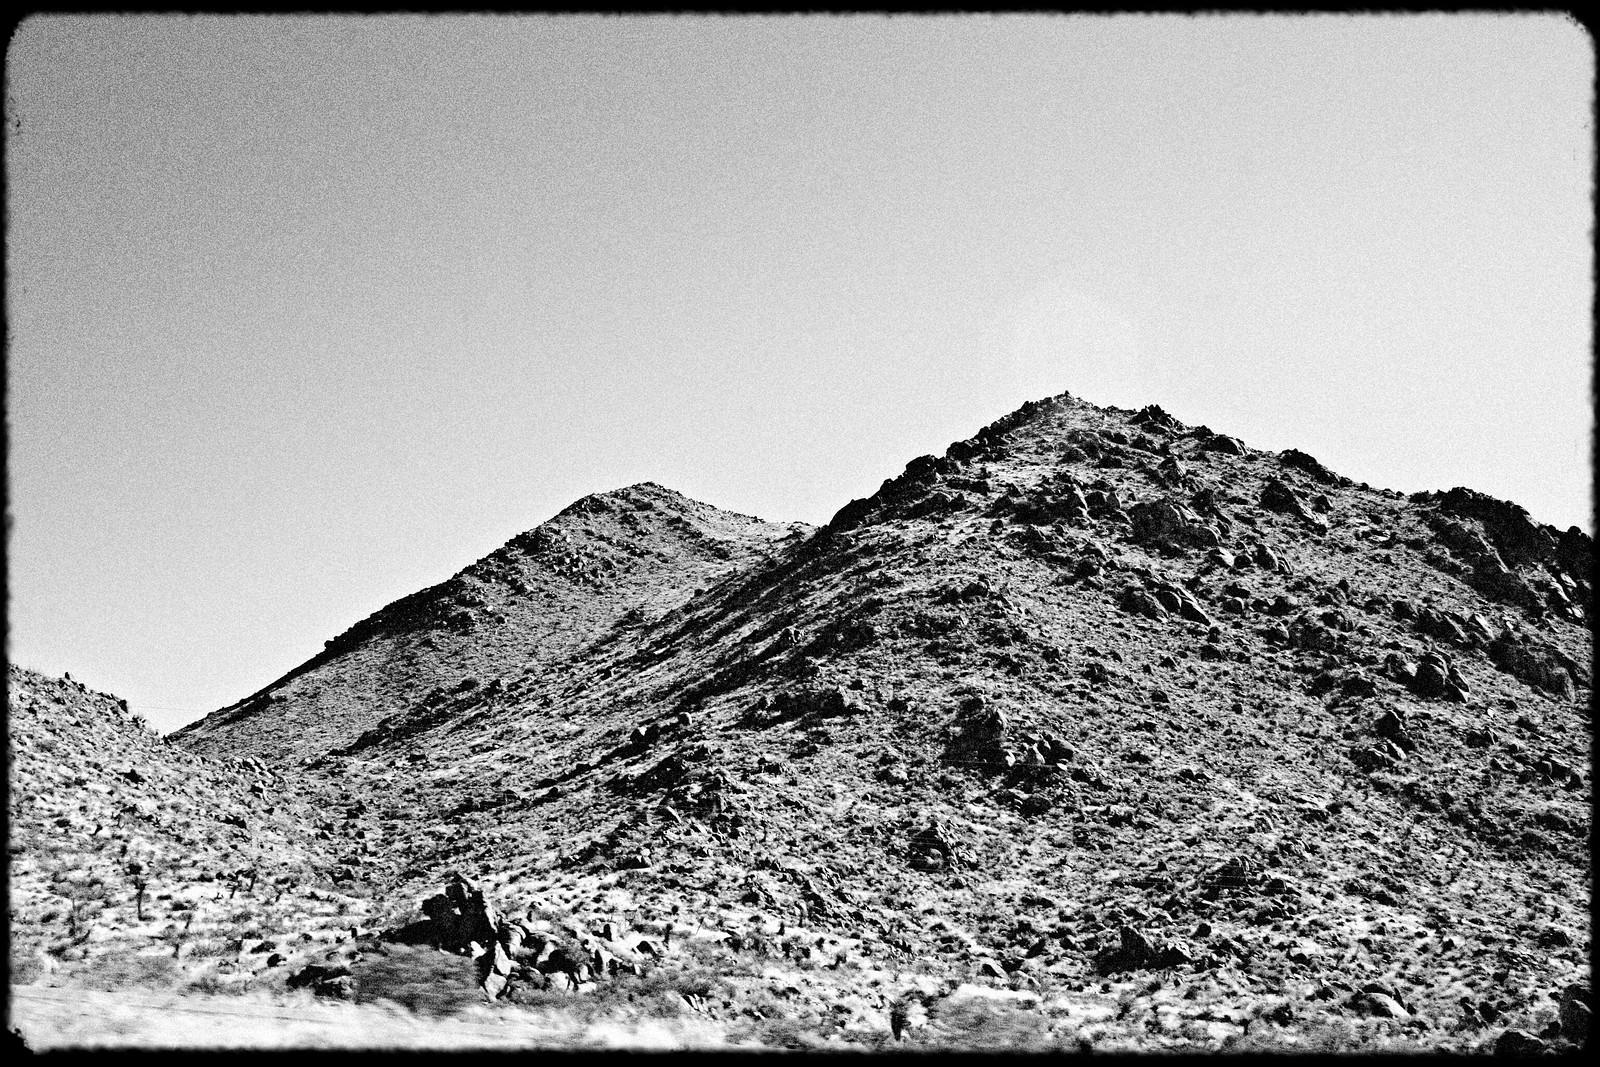 Mountains, West Texas, 2006